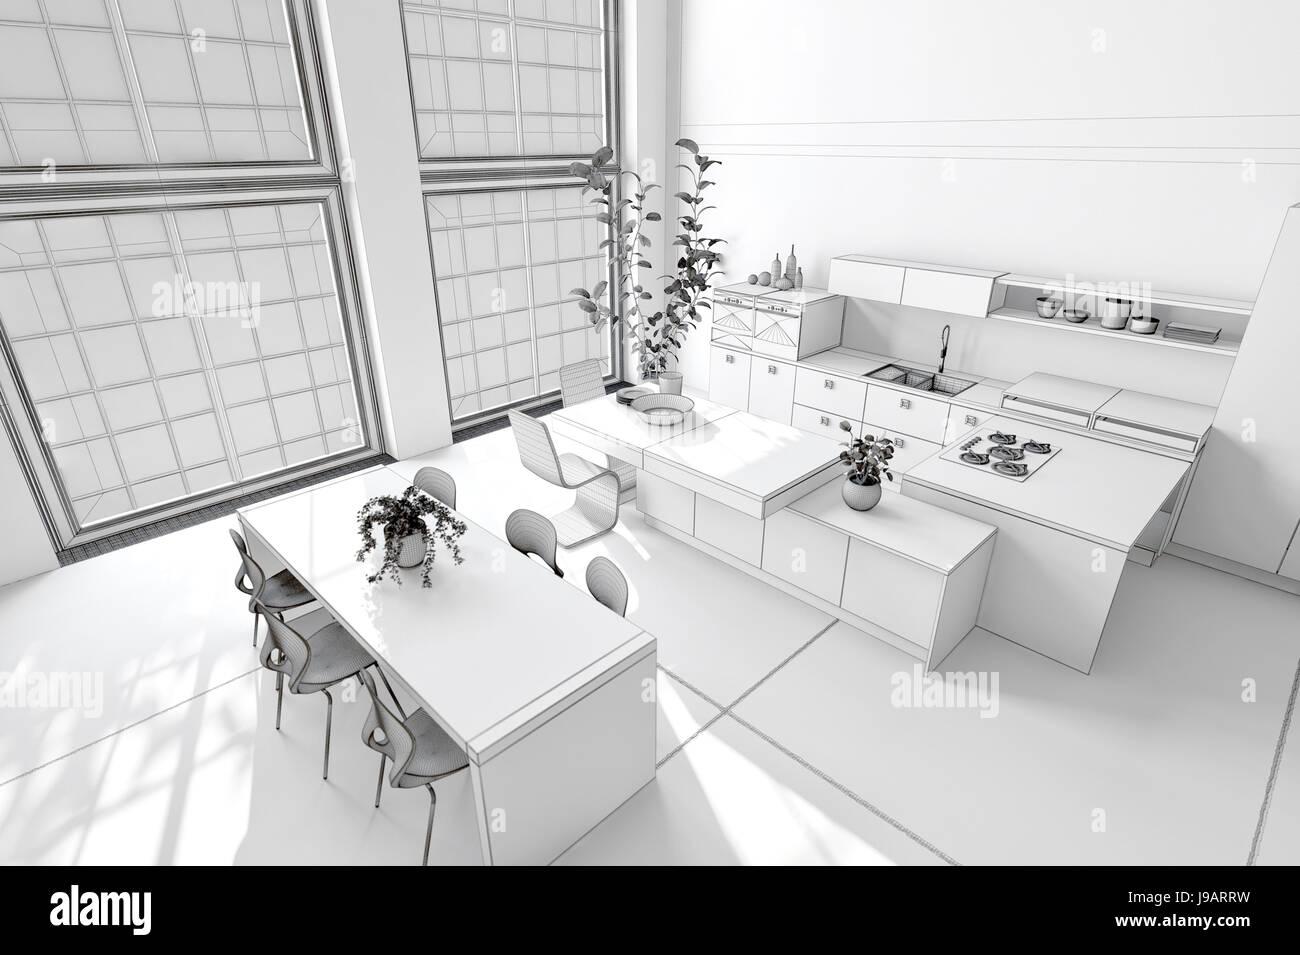 Cucina Componibile Con Tavolo E Sedie.Pulire Fresca Cucina Bianca E Area Da Pranzo Con Decorazioni